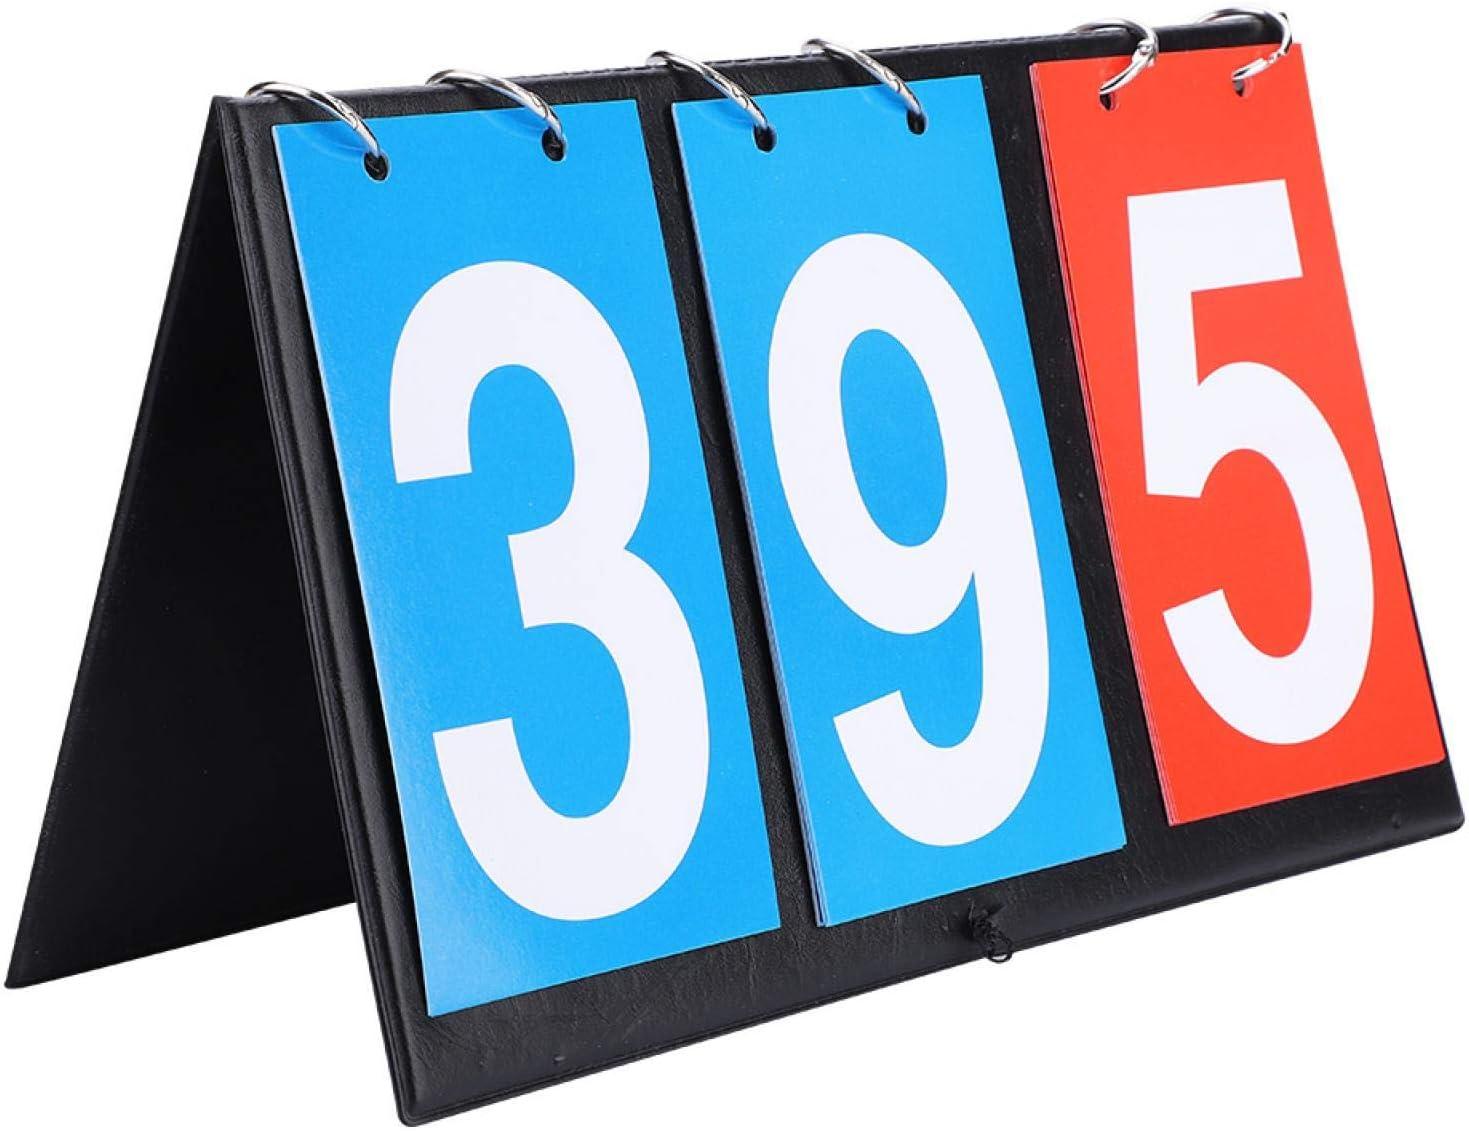 Portable scoreboard Flip table scoreboar Popular overseas Keeper Sports Luxury